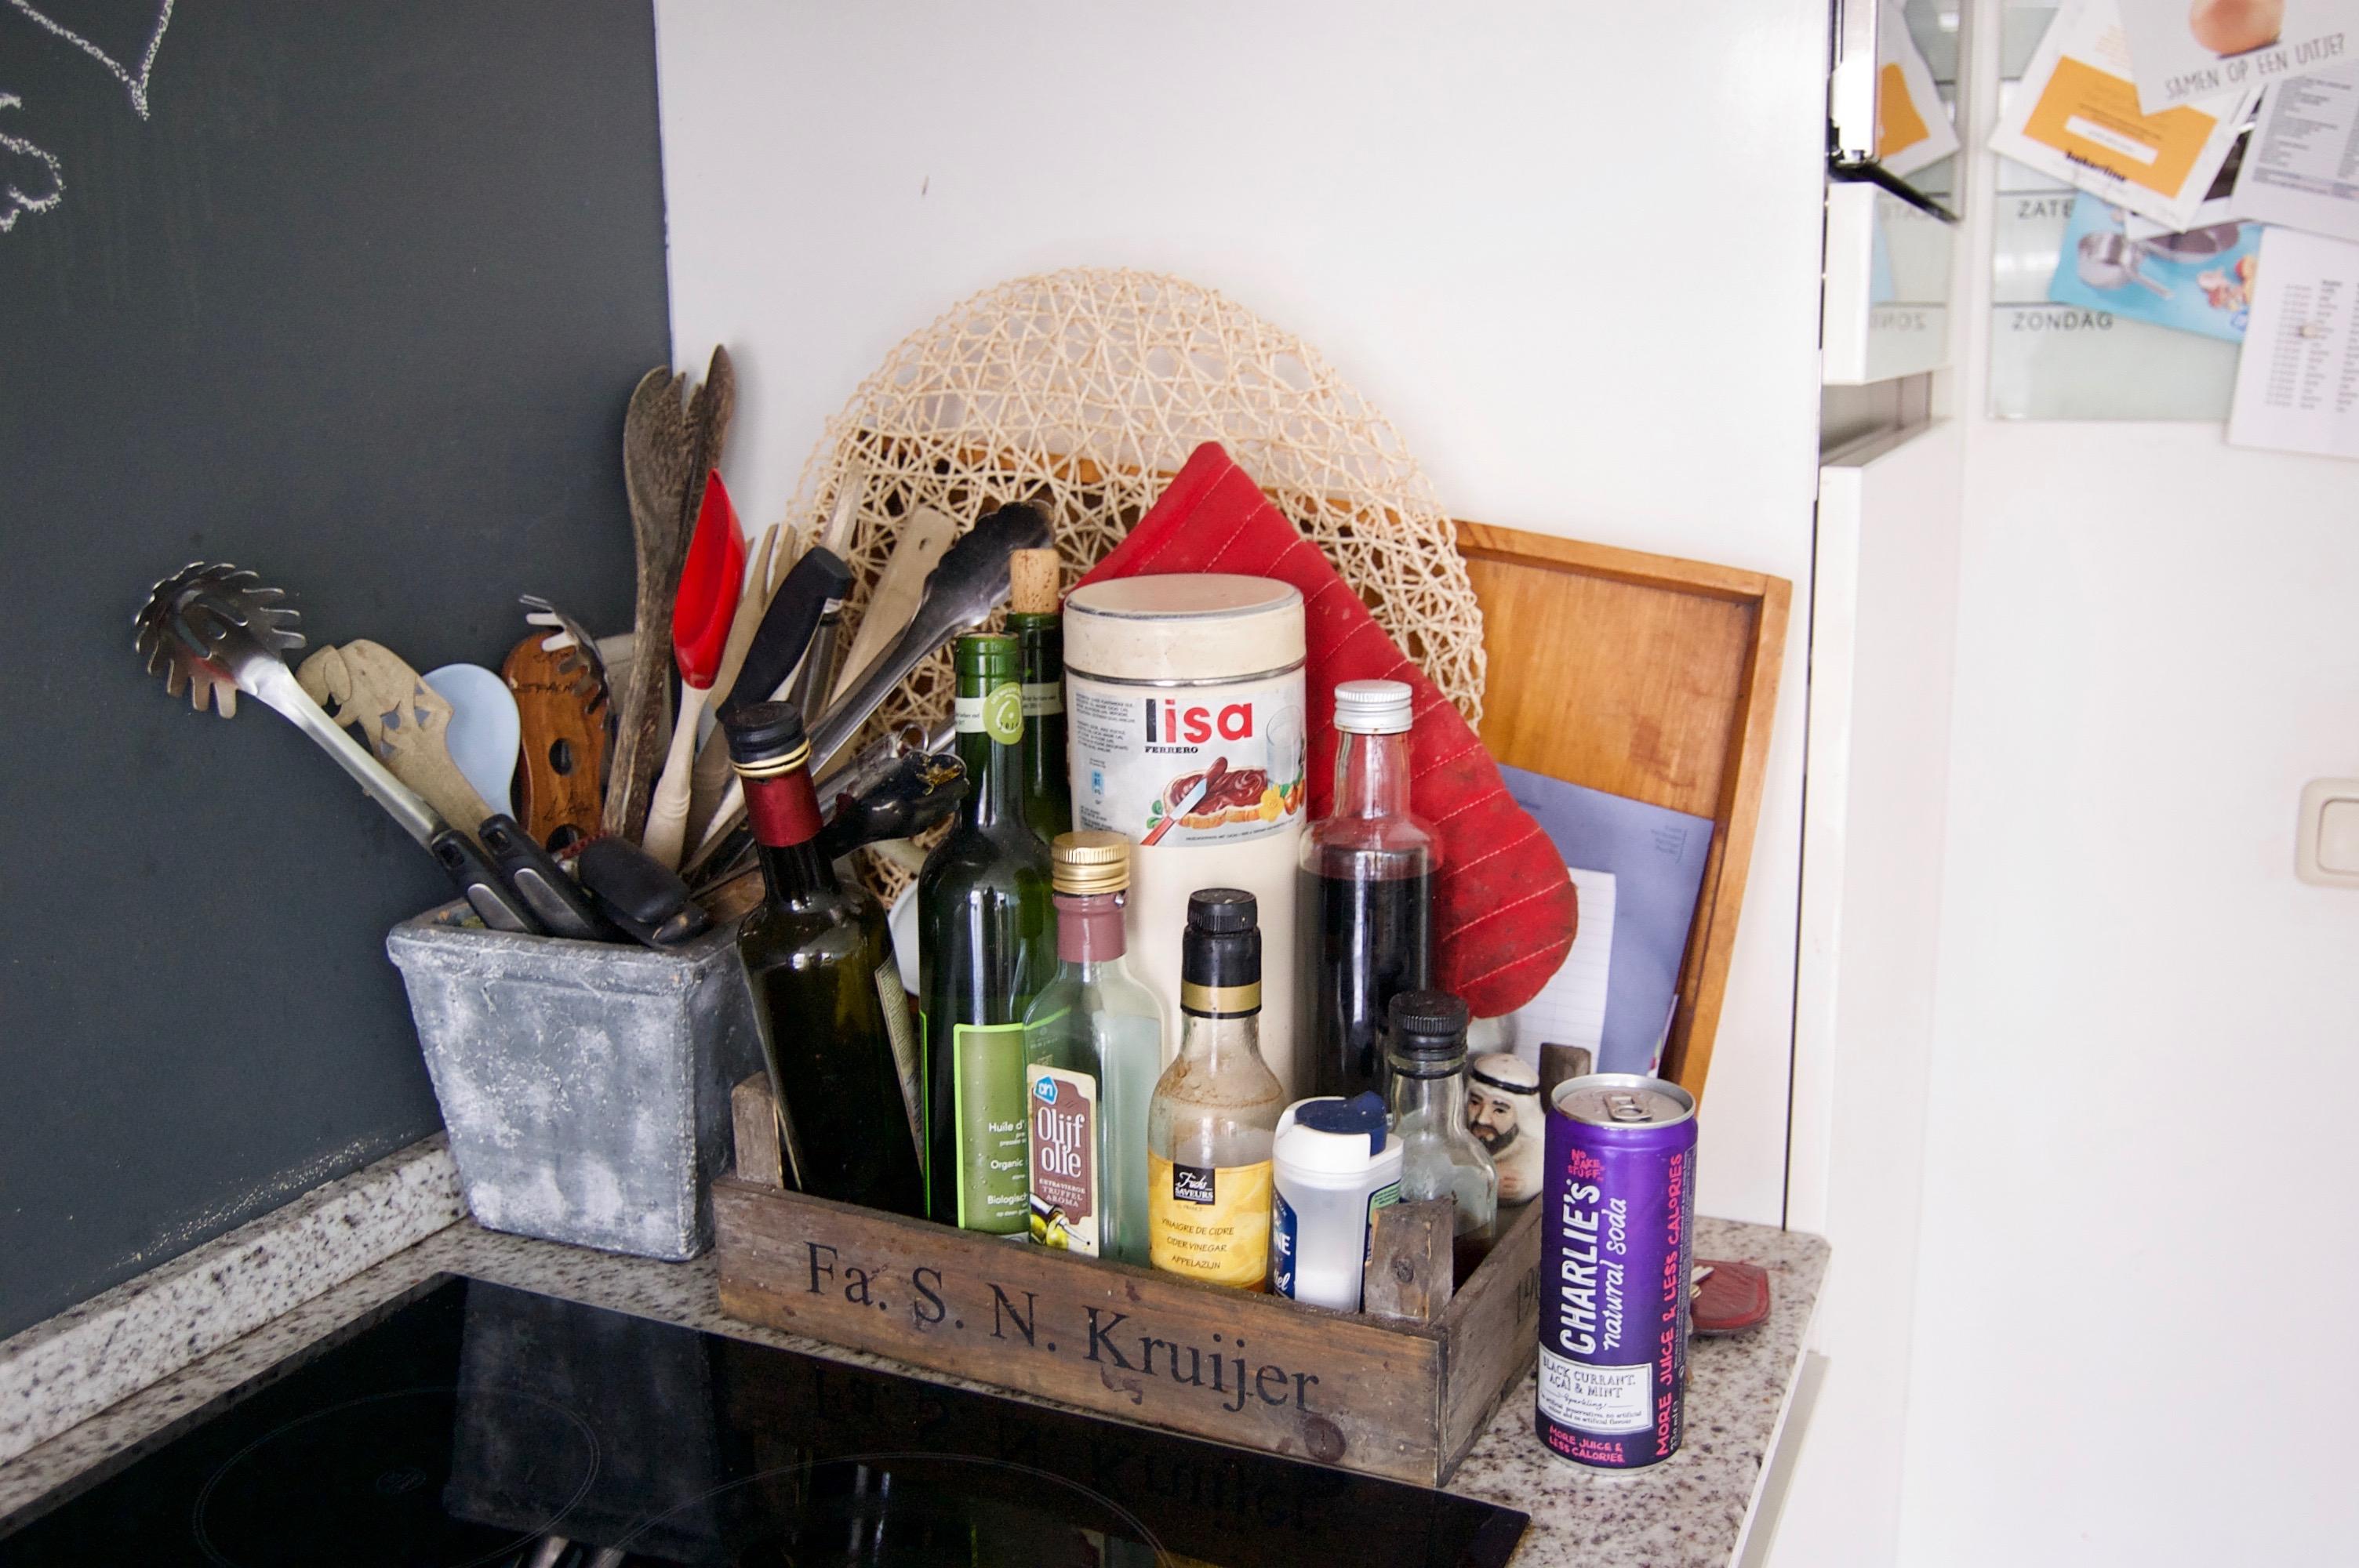 een kijkje in de keuken van lisa goes vegan2